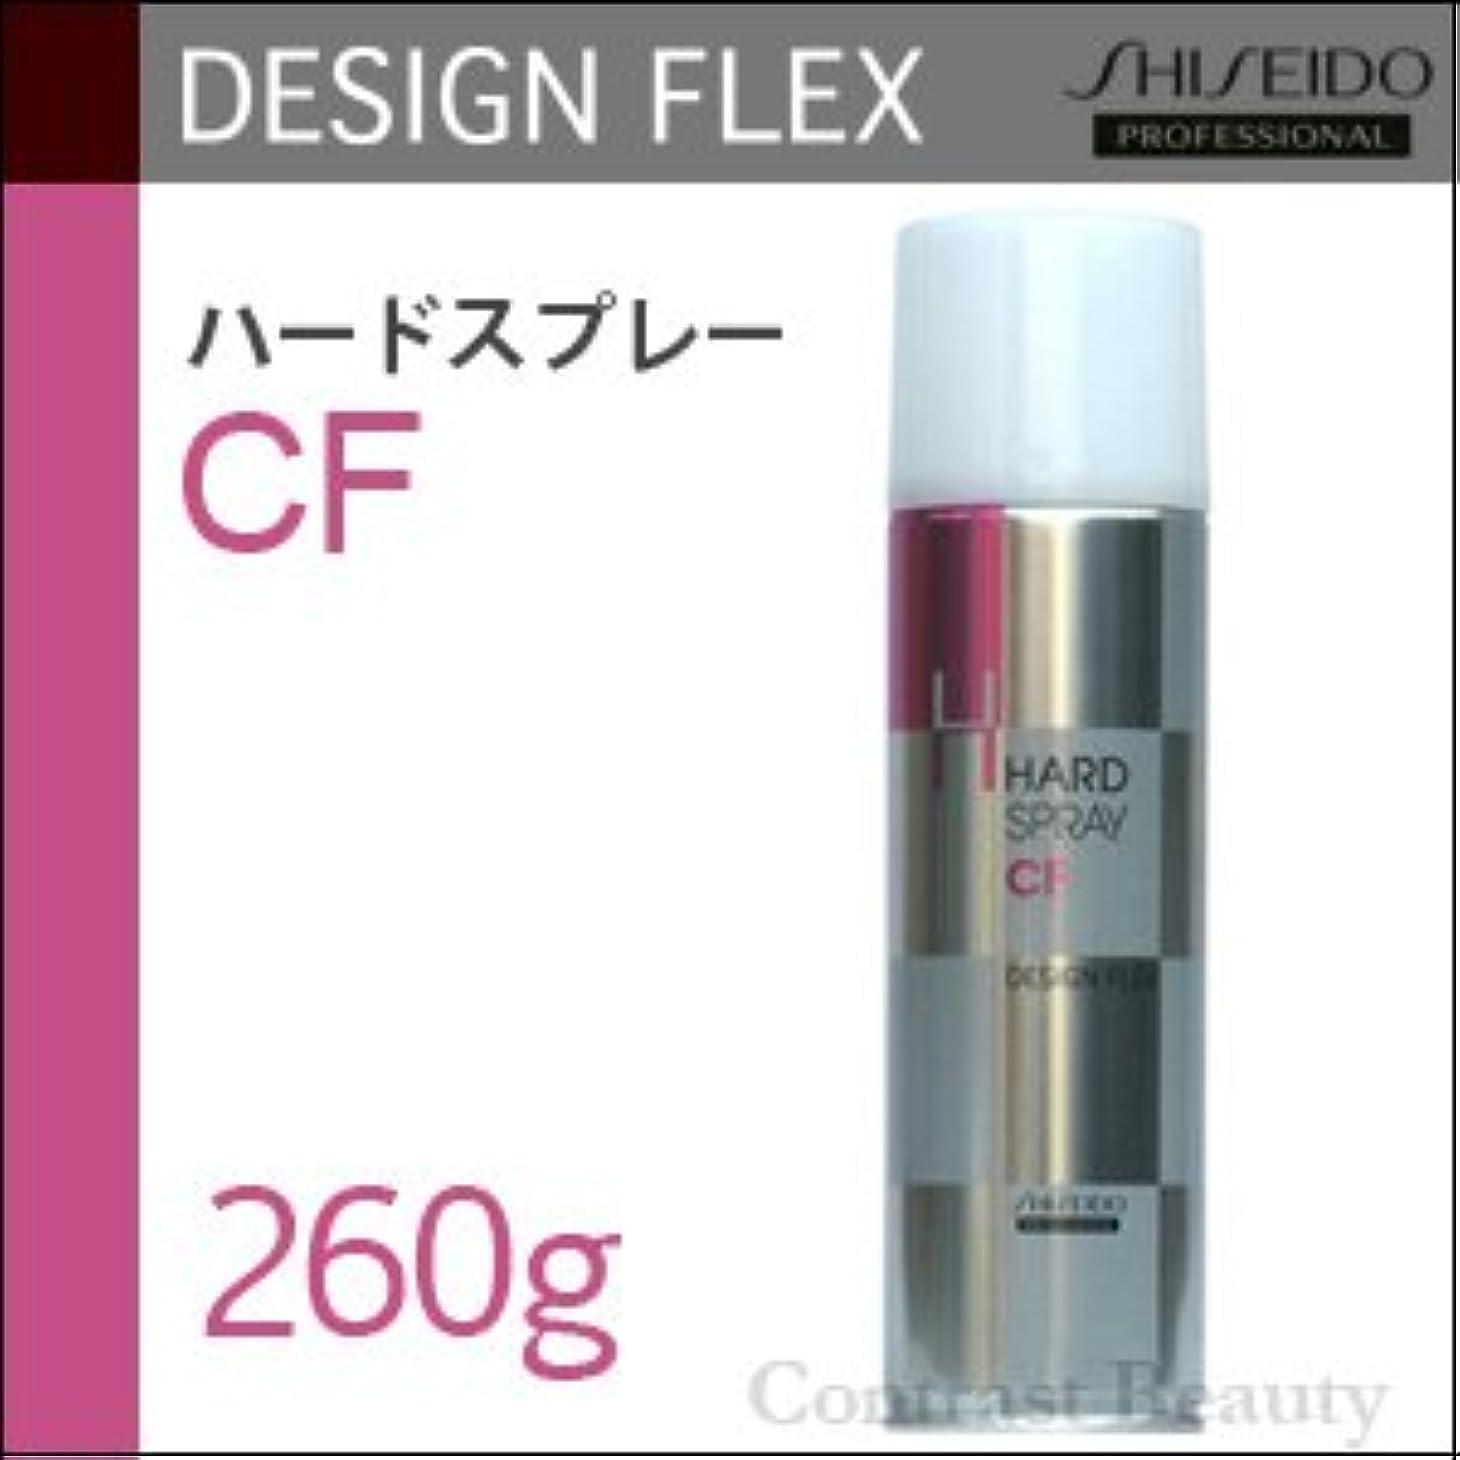 ブラシセール起こりやすい【x5個セット】 資生堂 デザインフレックス ハードスプレーCF 260g